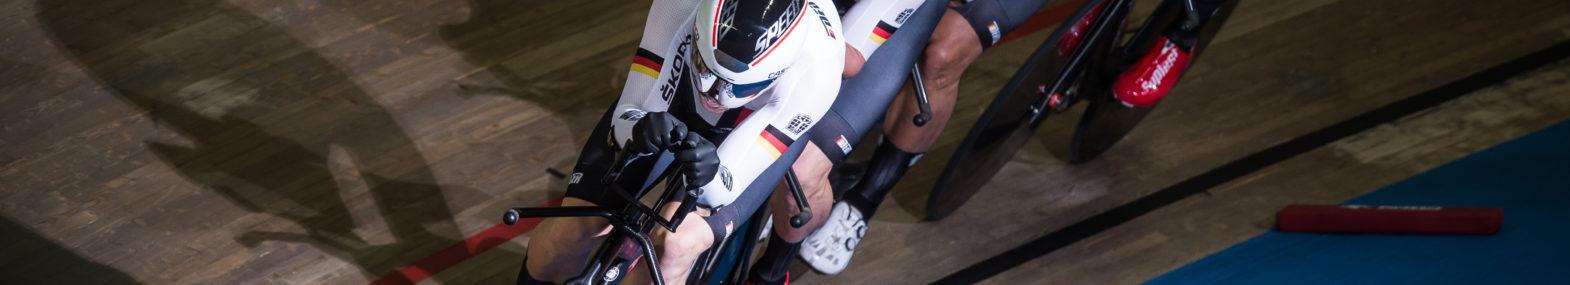 Team Deutschland bei den 109. UCI-Bahn-Weltmeisterschaften.